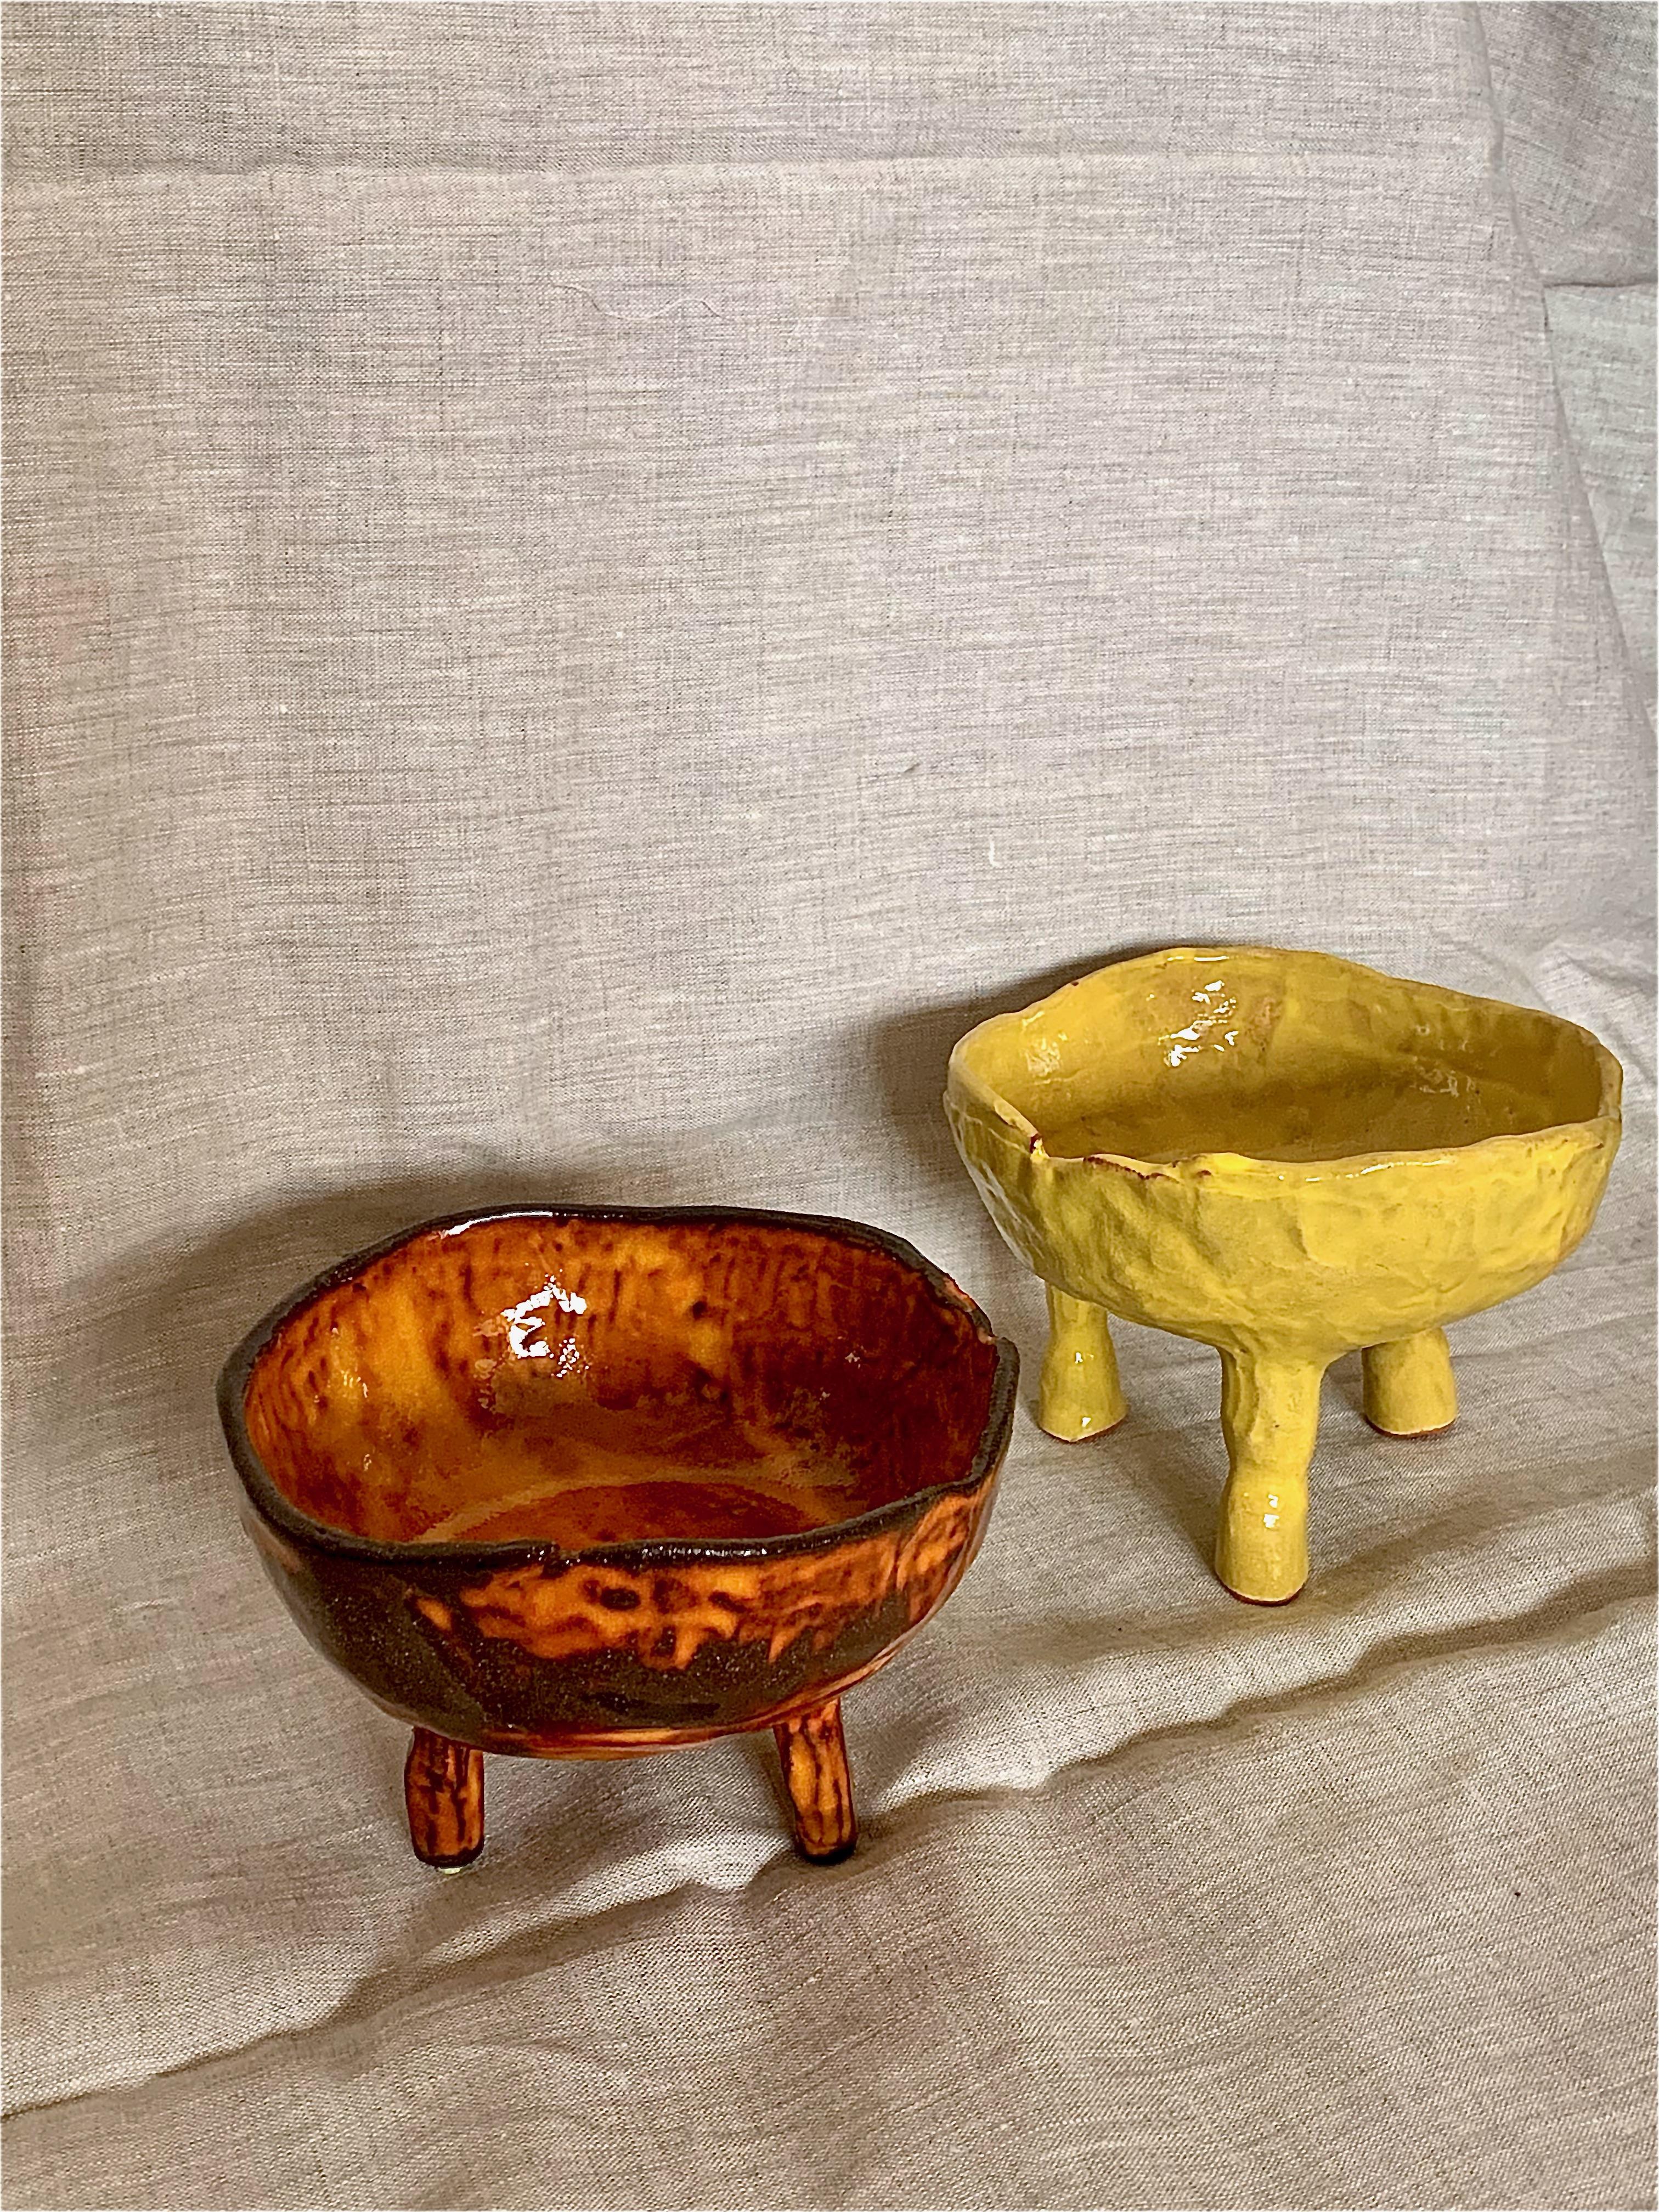 2 st keramikskålar. Skål 1 med brun lera samt orange glasyr. Skål 2 med terracotta lera samt gul glasyr.